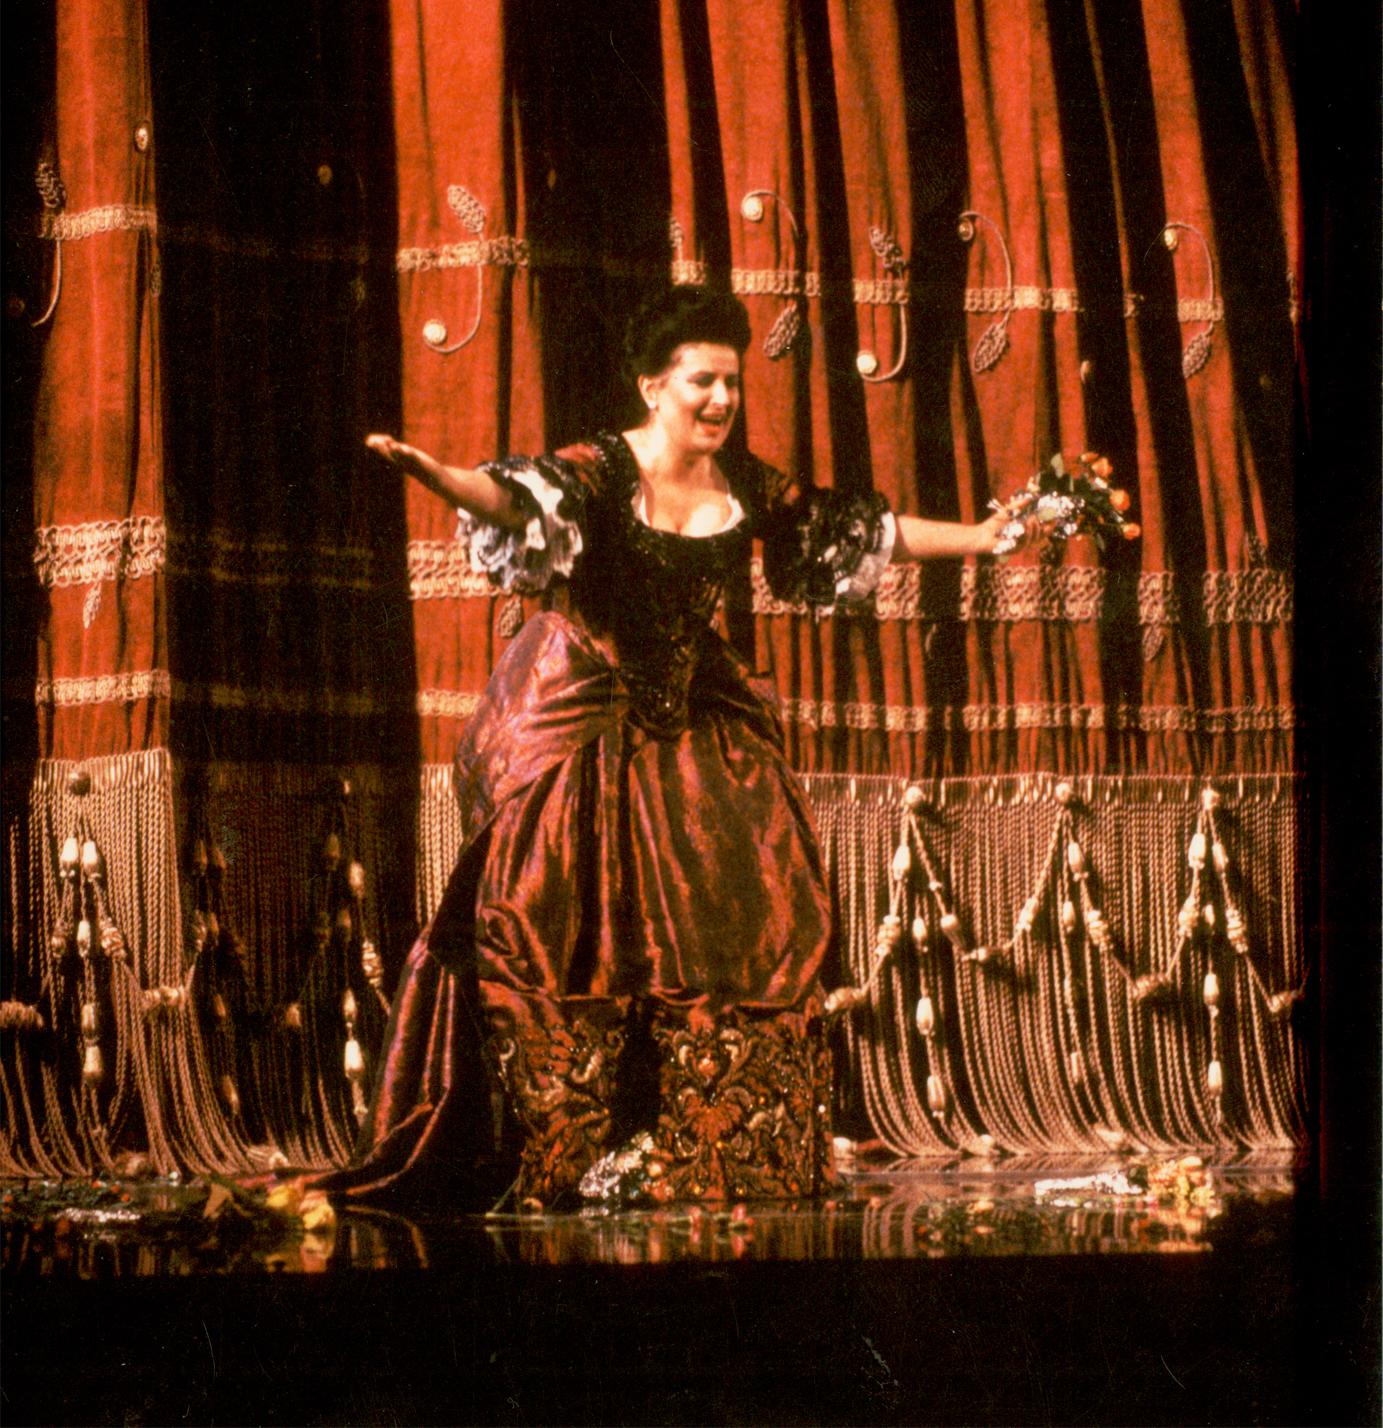 După senzaţionala sa interpretare a rolului Donna Elvira, o adevărată ploaie de florivenind din balcoanele teatrului încununează triumful sopranei